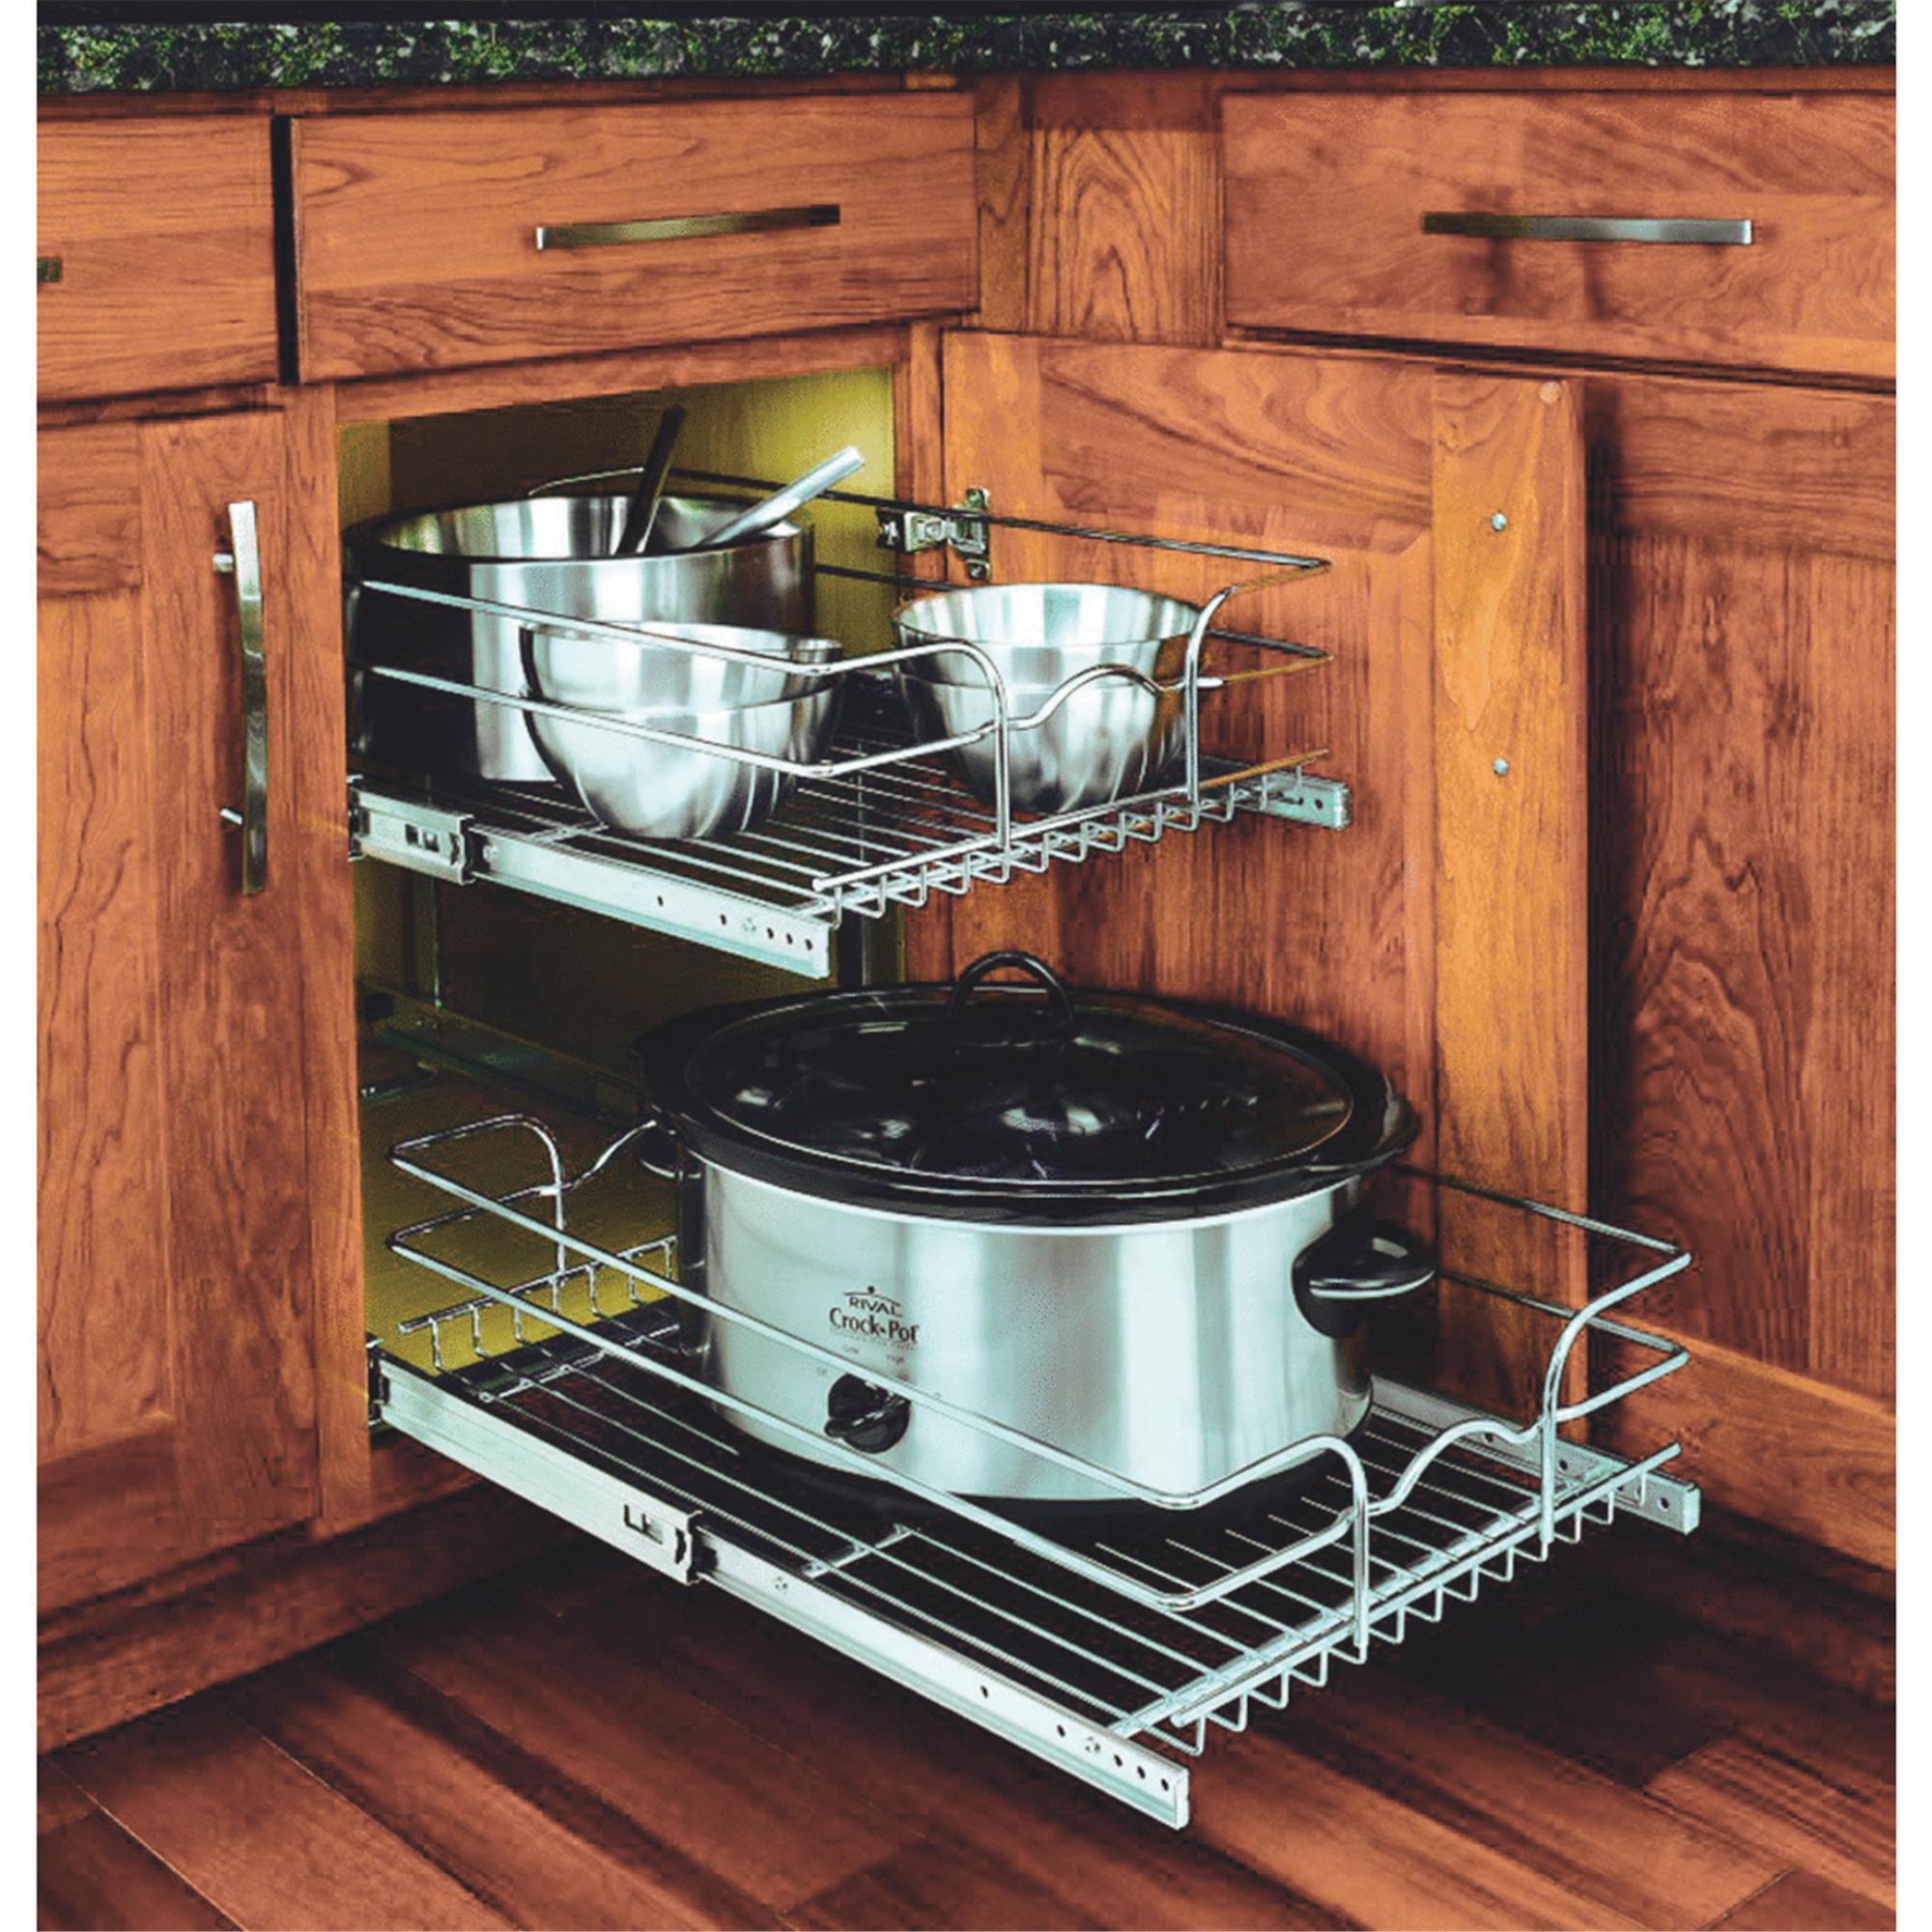 Rev-A-Shelf 2-Tier Pull-Out Cabinet Organizer - Walmart ... destiné Reva Out